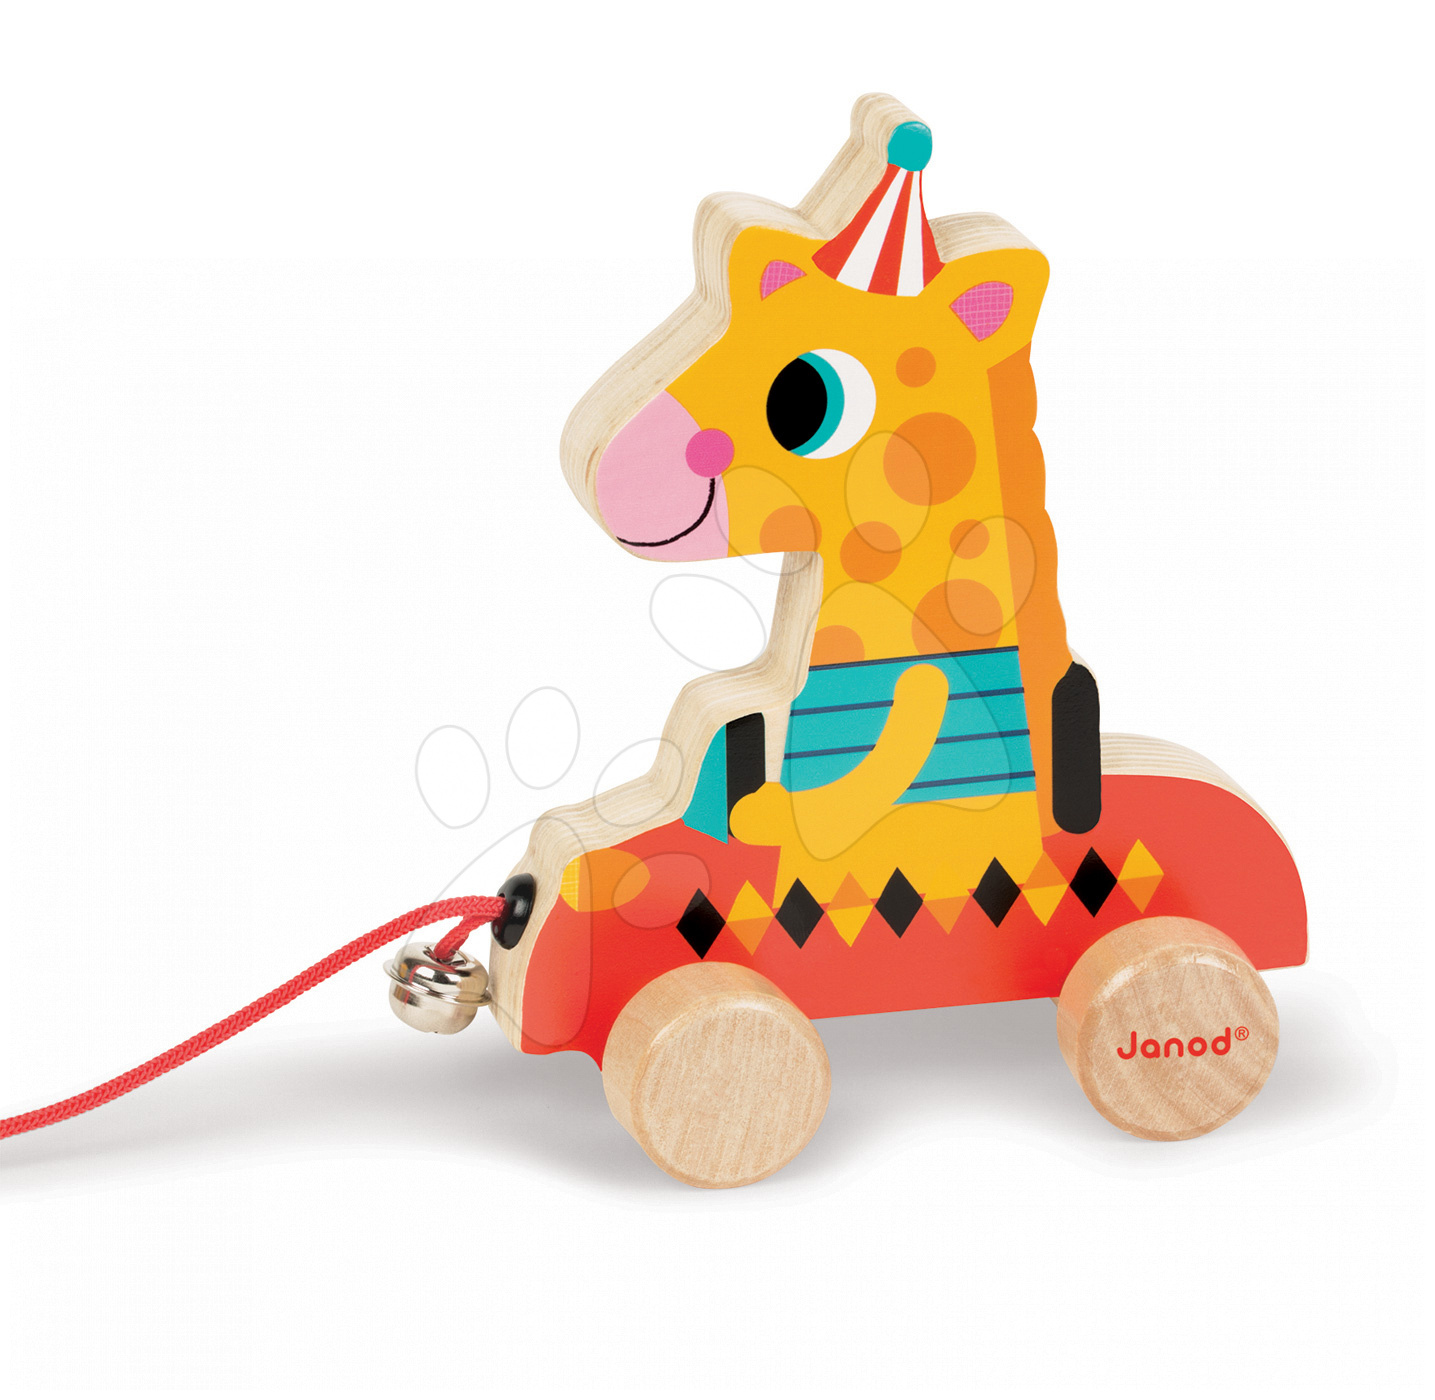 Dřevěná žirafa Janod zvířátko z cirkusu na tahání se zvonkem od 12 měsíců